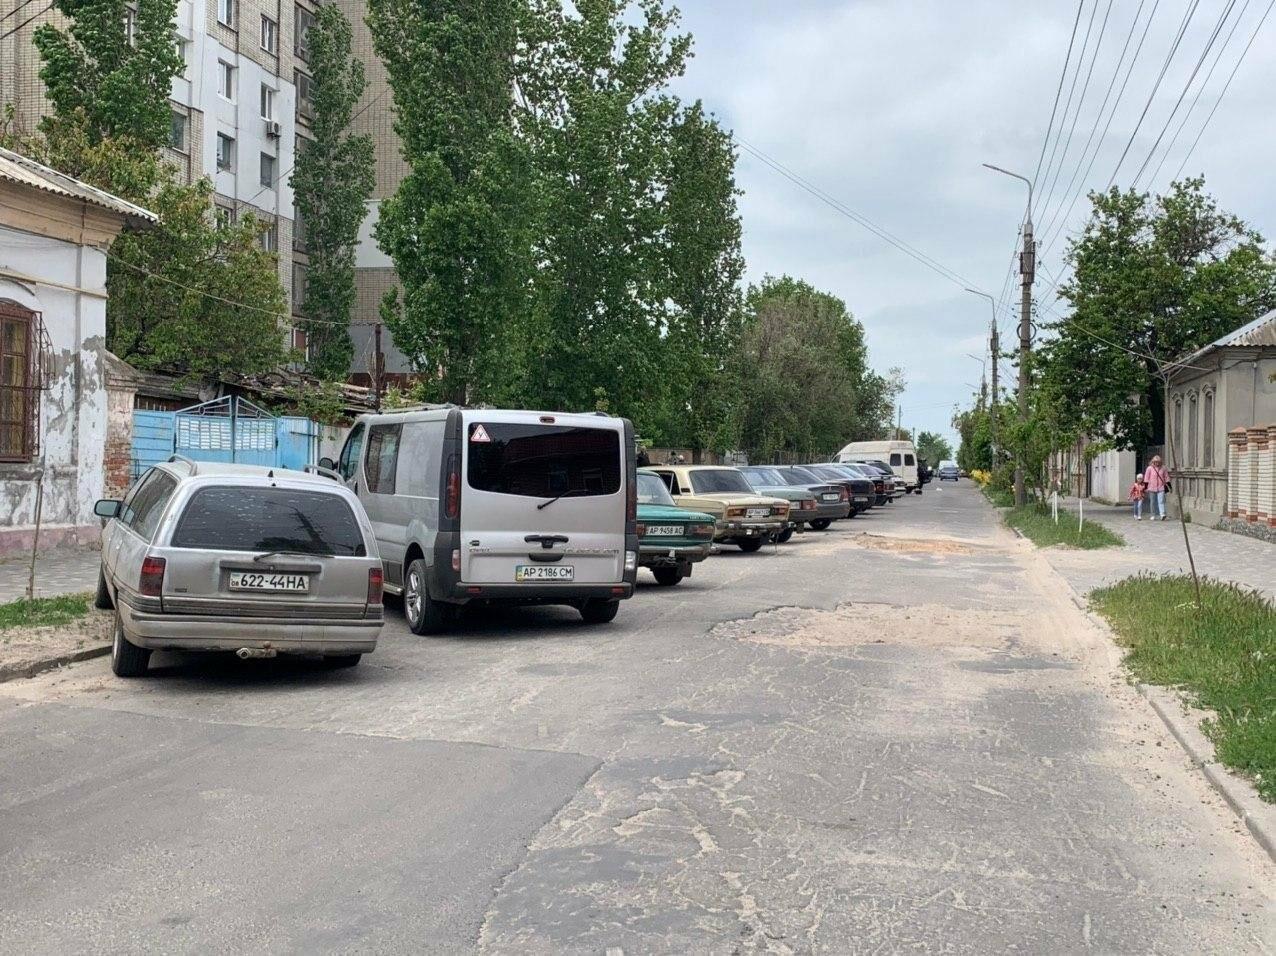 Бердянск - город водителей хамов?, фото-3